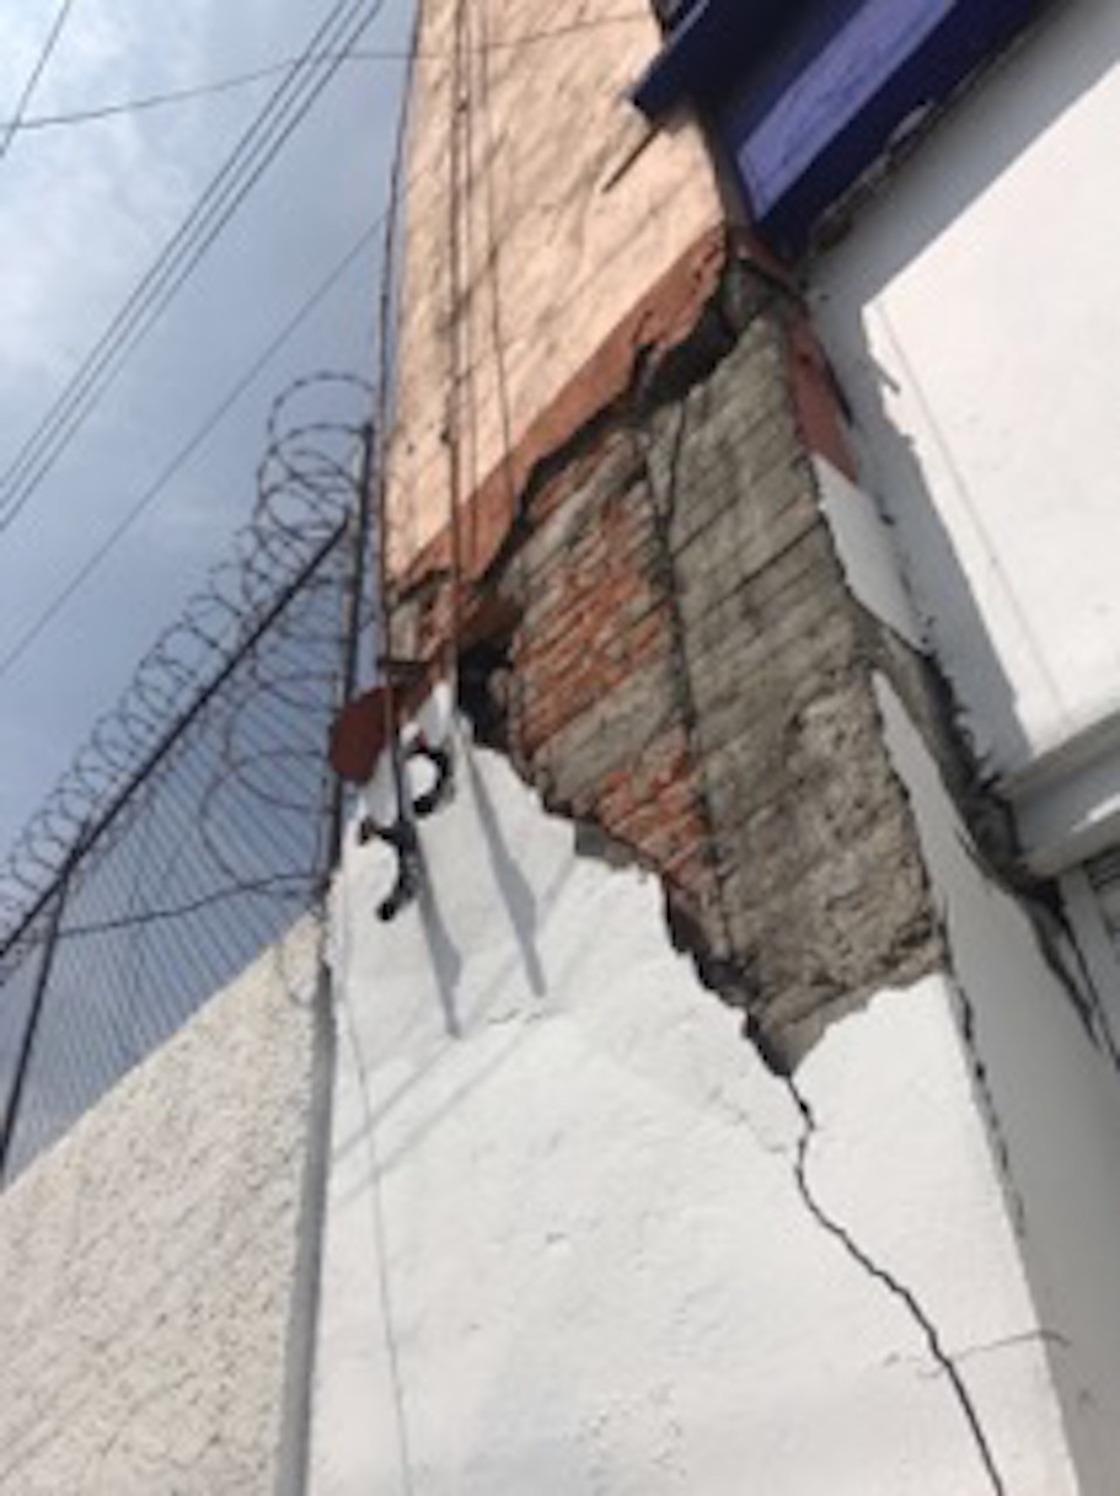 san-antonio-abad-39-sismo-damnificados-lucha-vivienda-edificio-19S-05